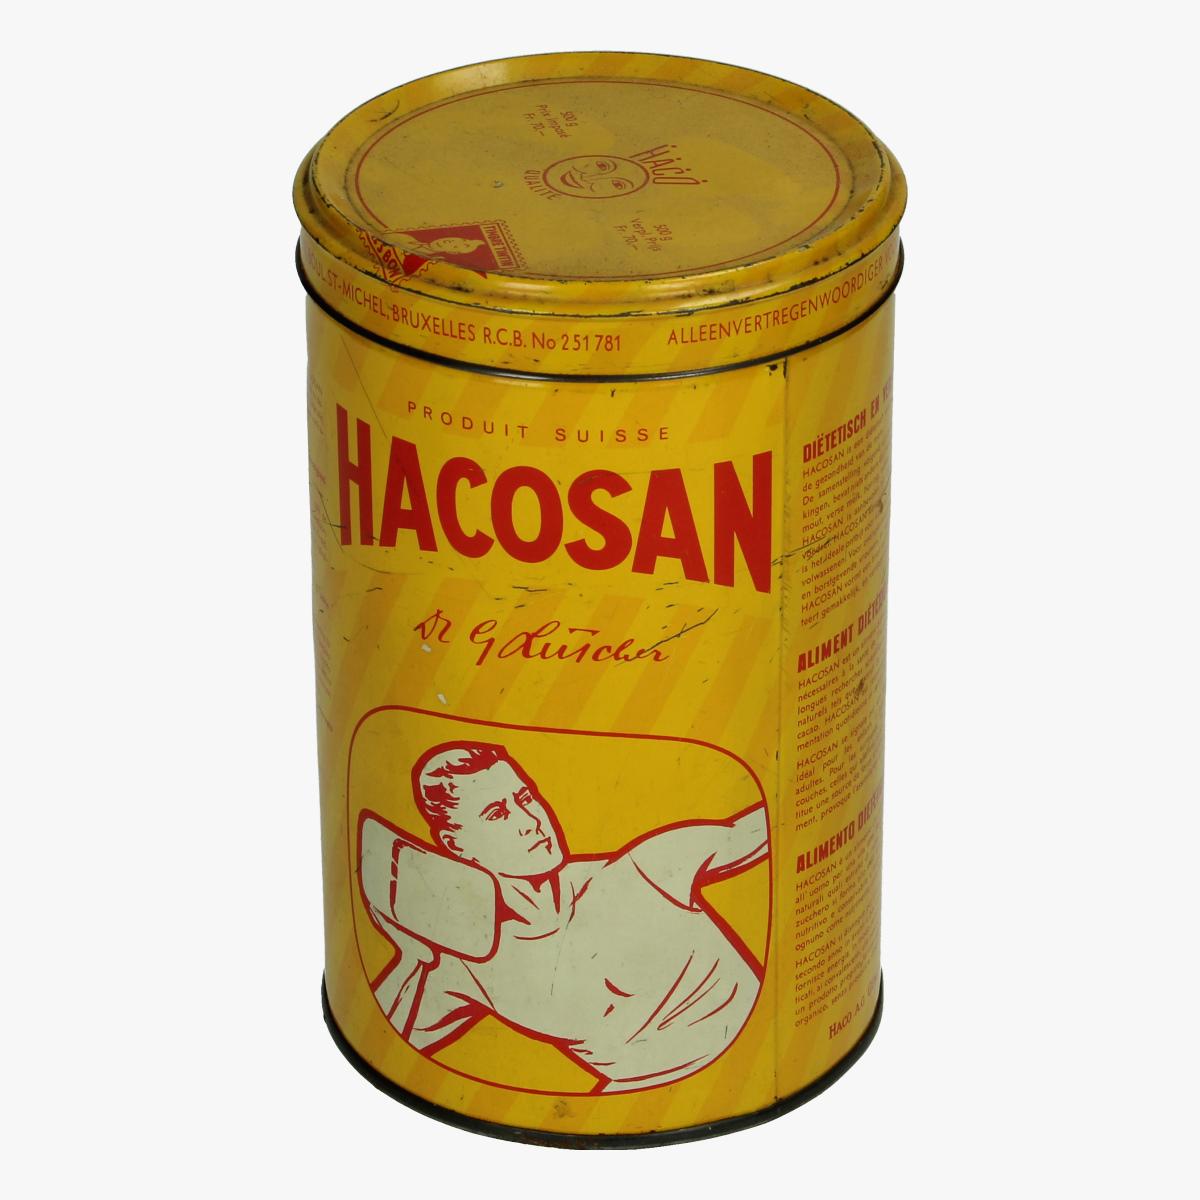 Afbeeldingen van Hacosan blik